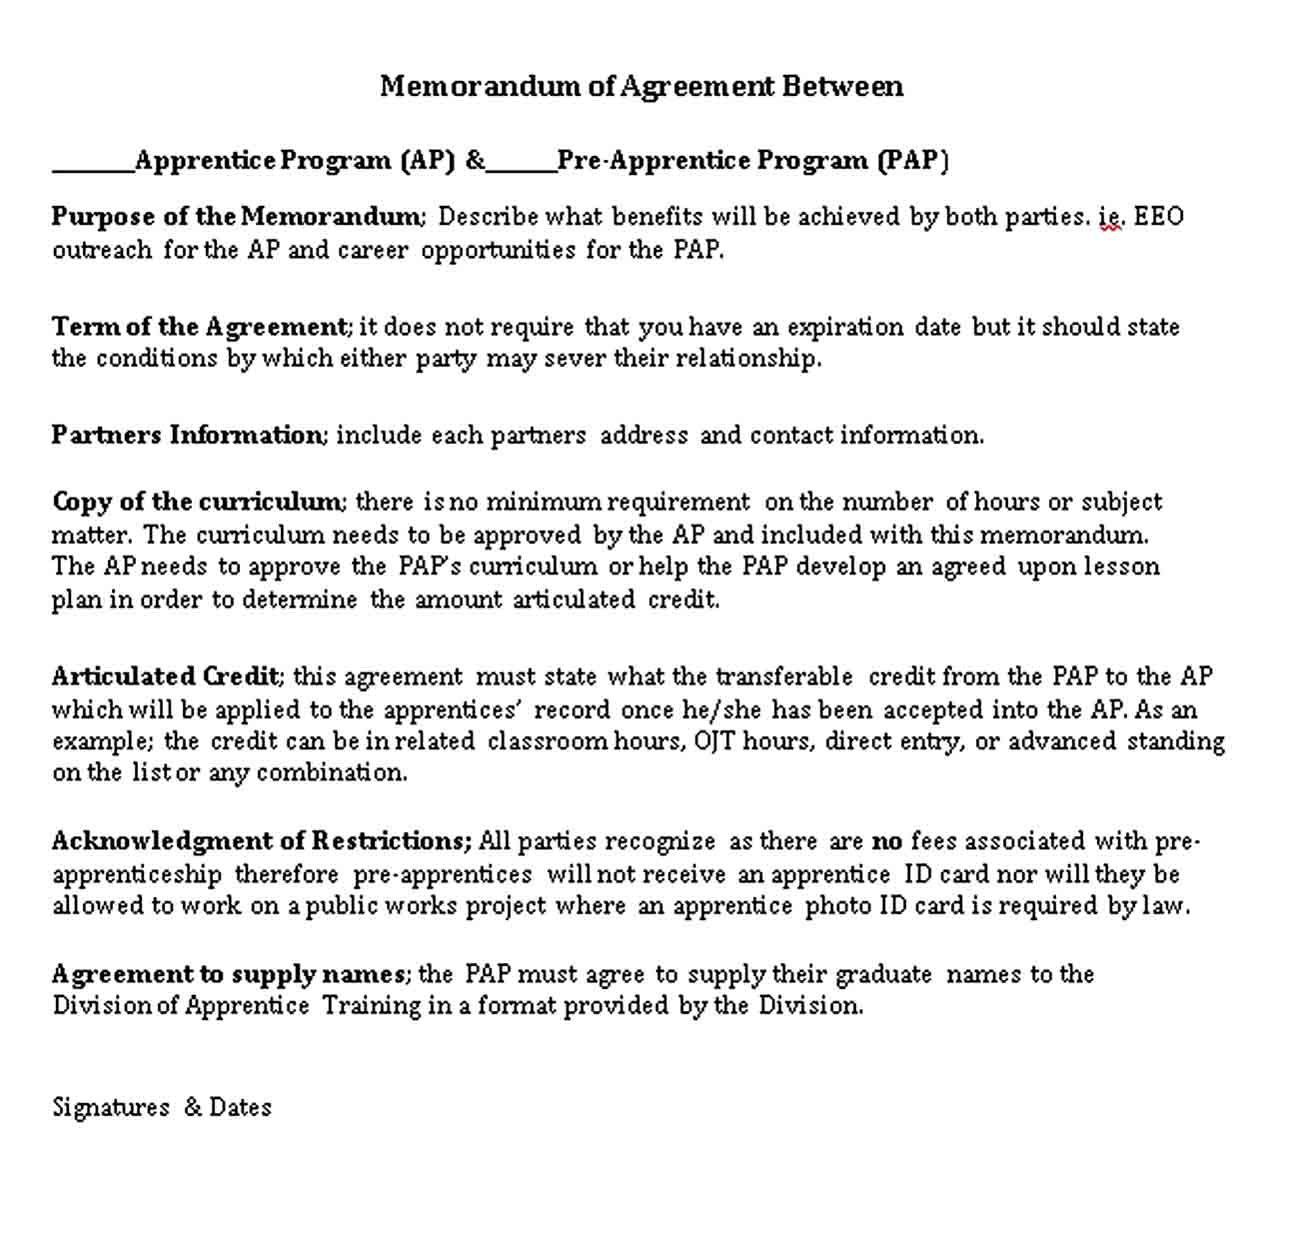 Formal Memorandum of Agreement Template in 2020